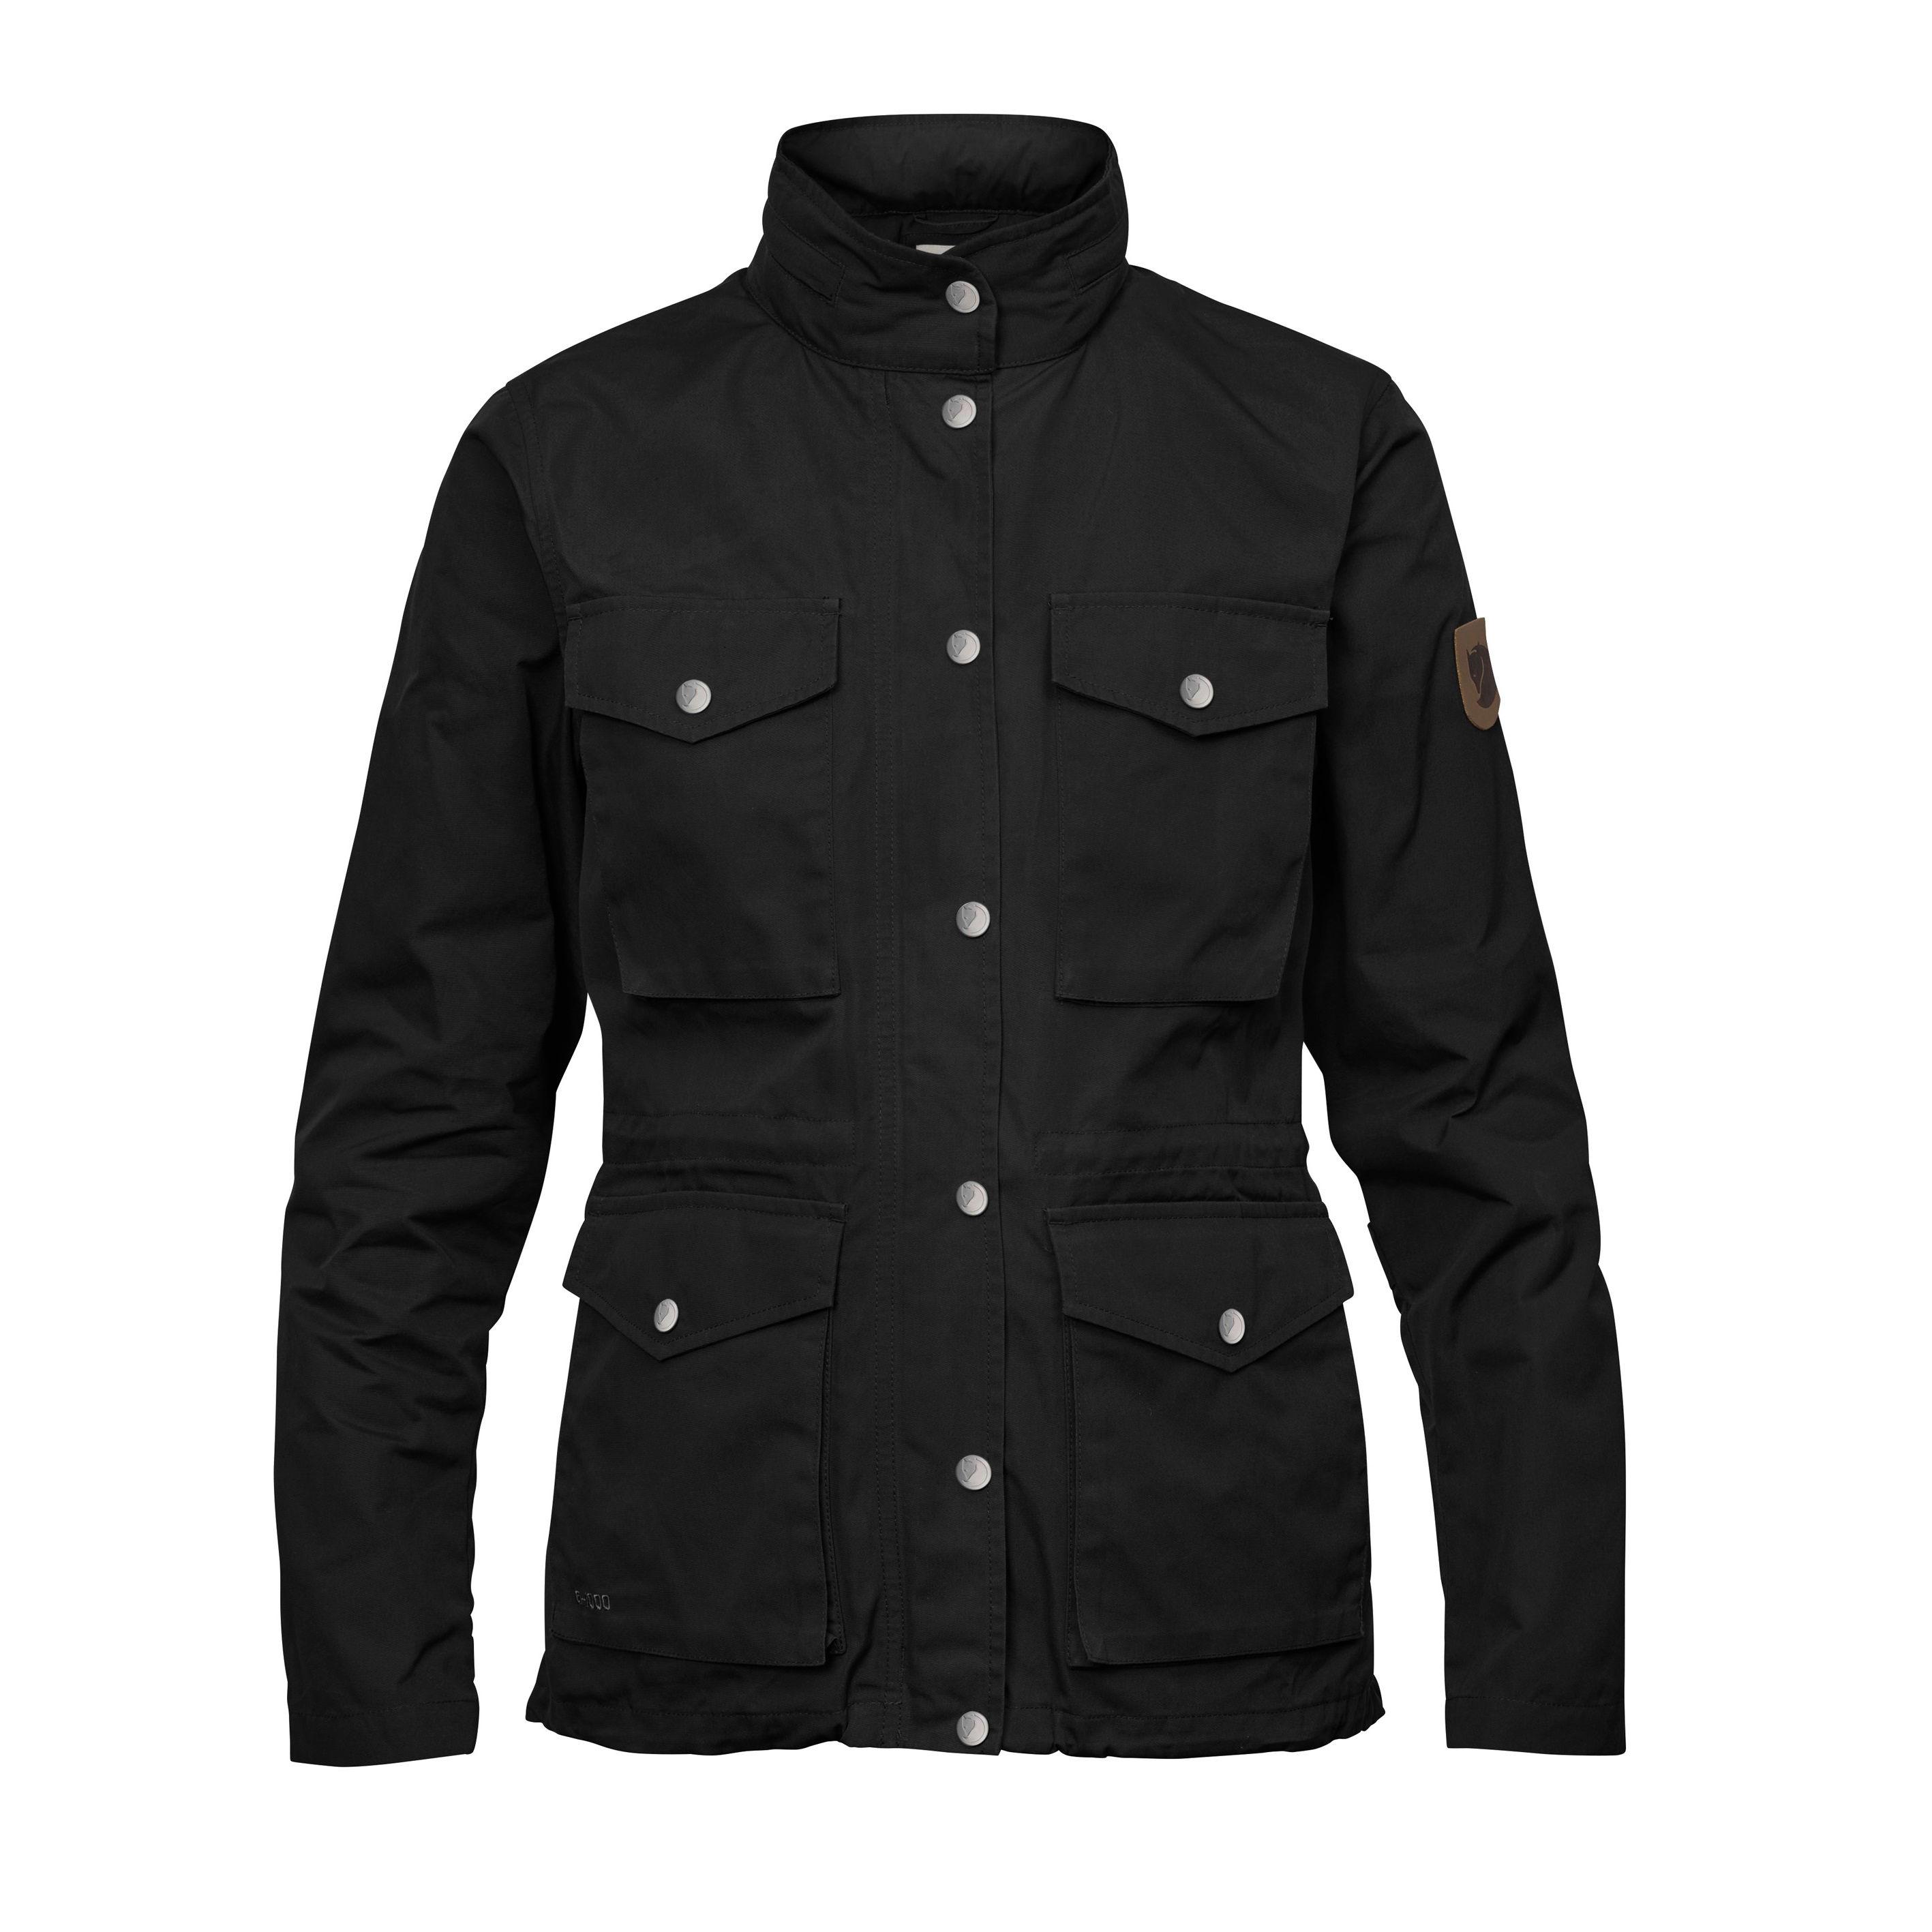 Kjøp Fjällräven Women's Räven Jacket fra Outnorth